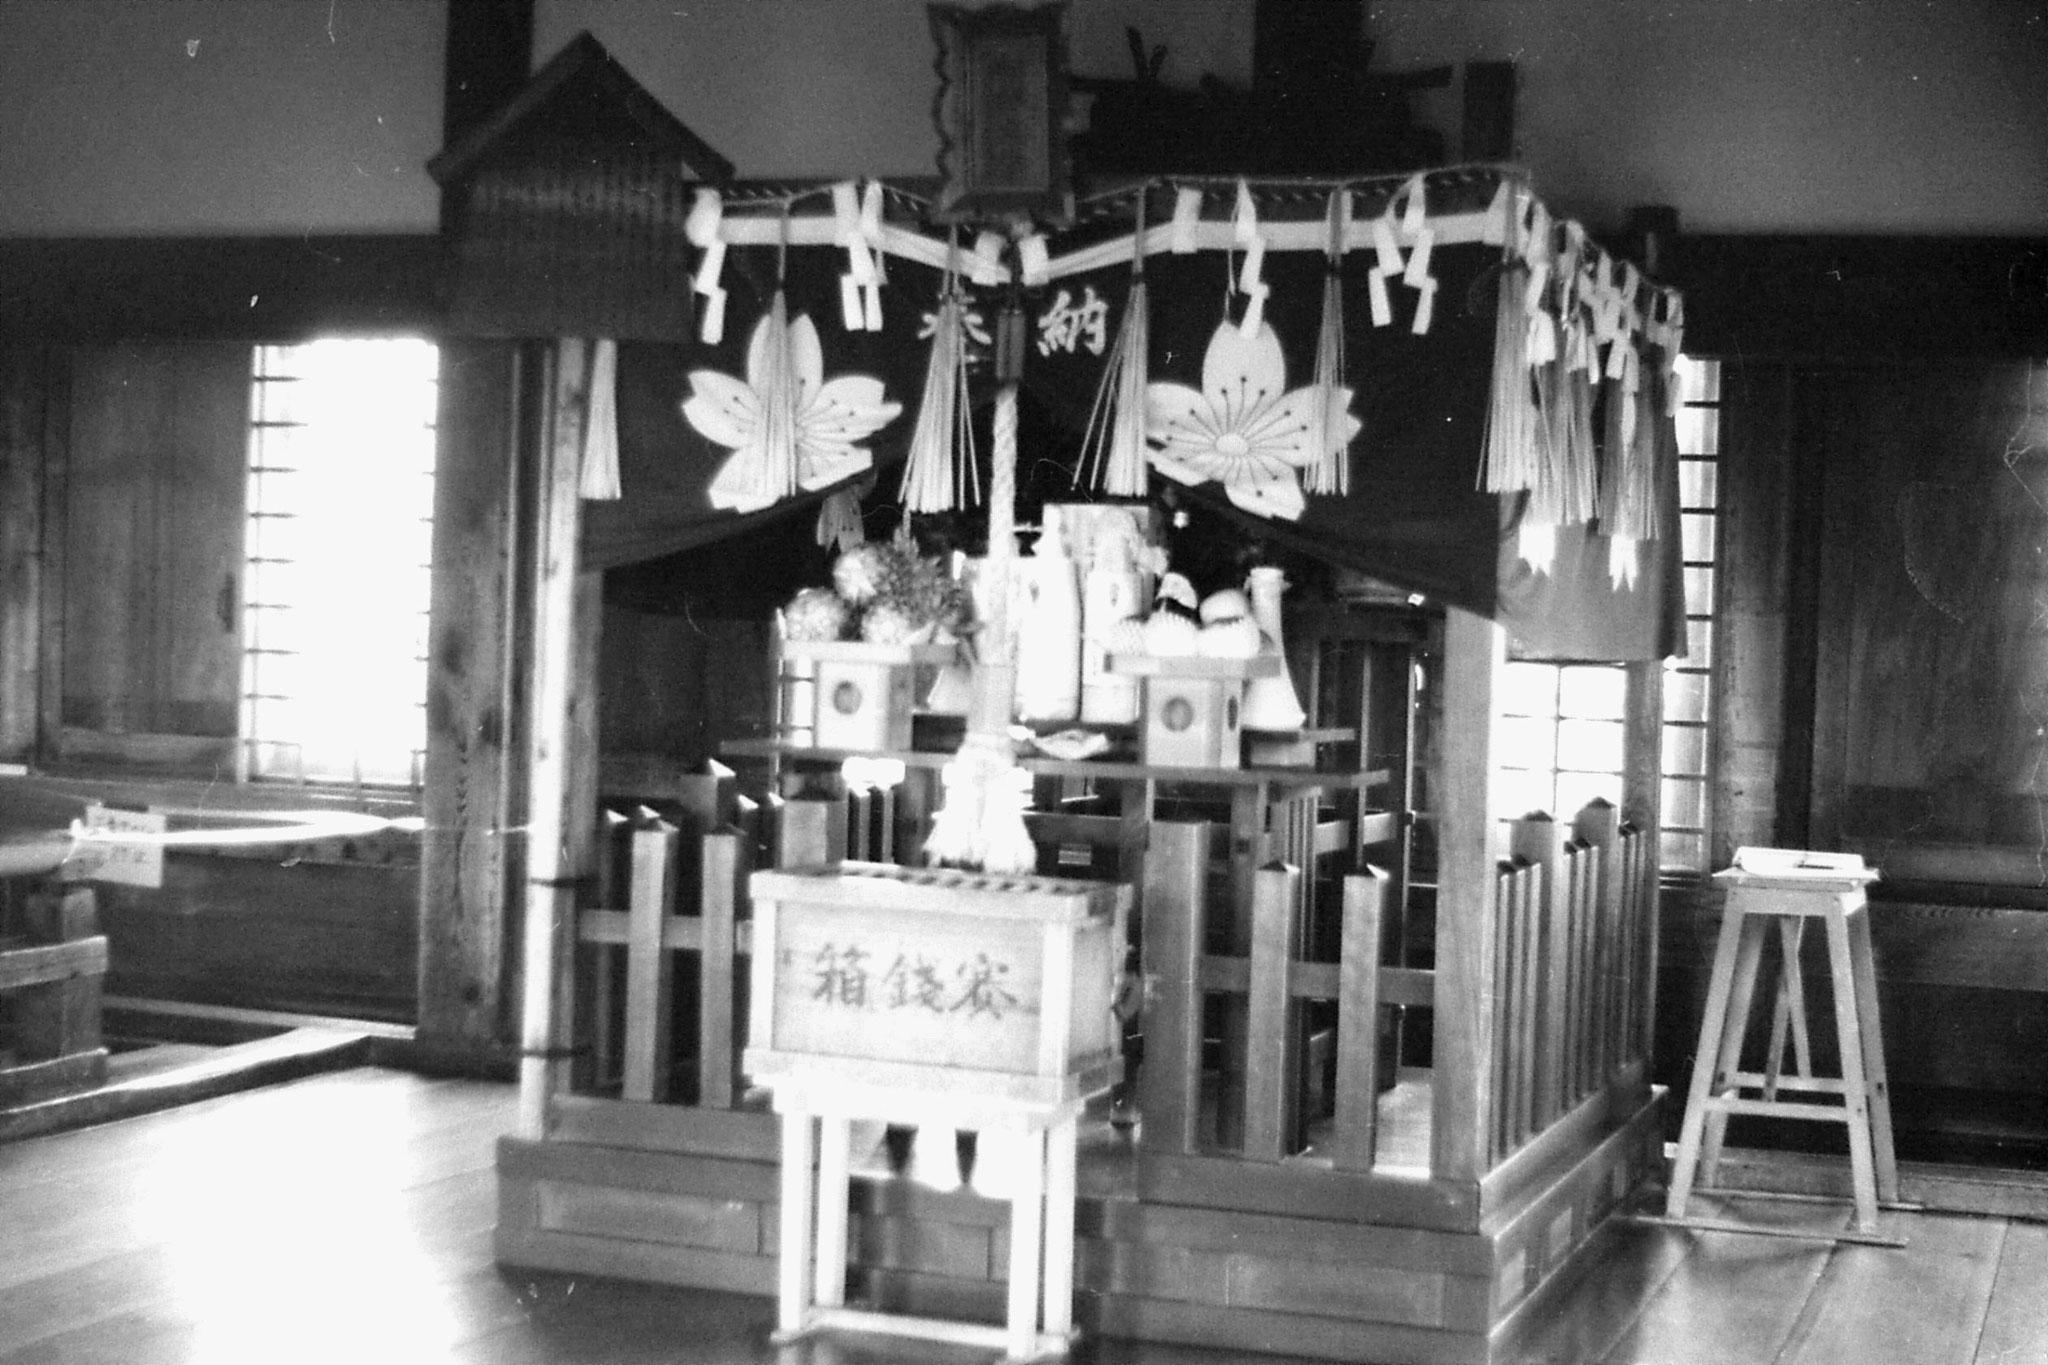 18/1/1989: 11: Himeji Castle